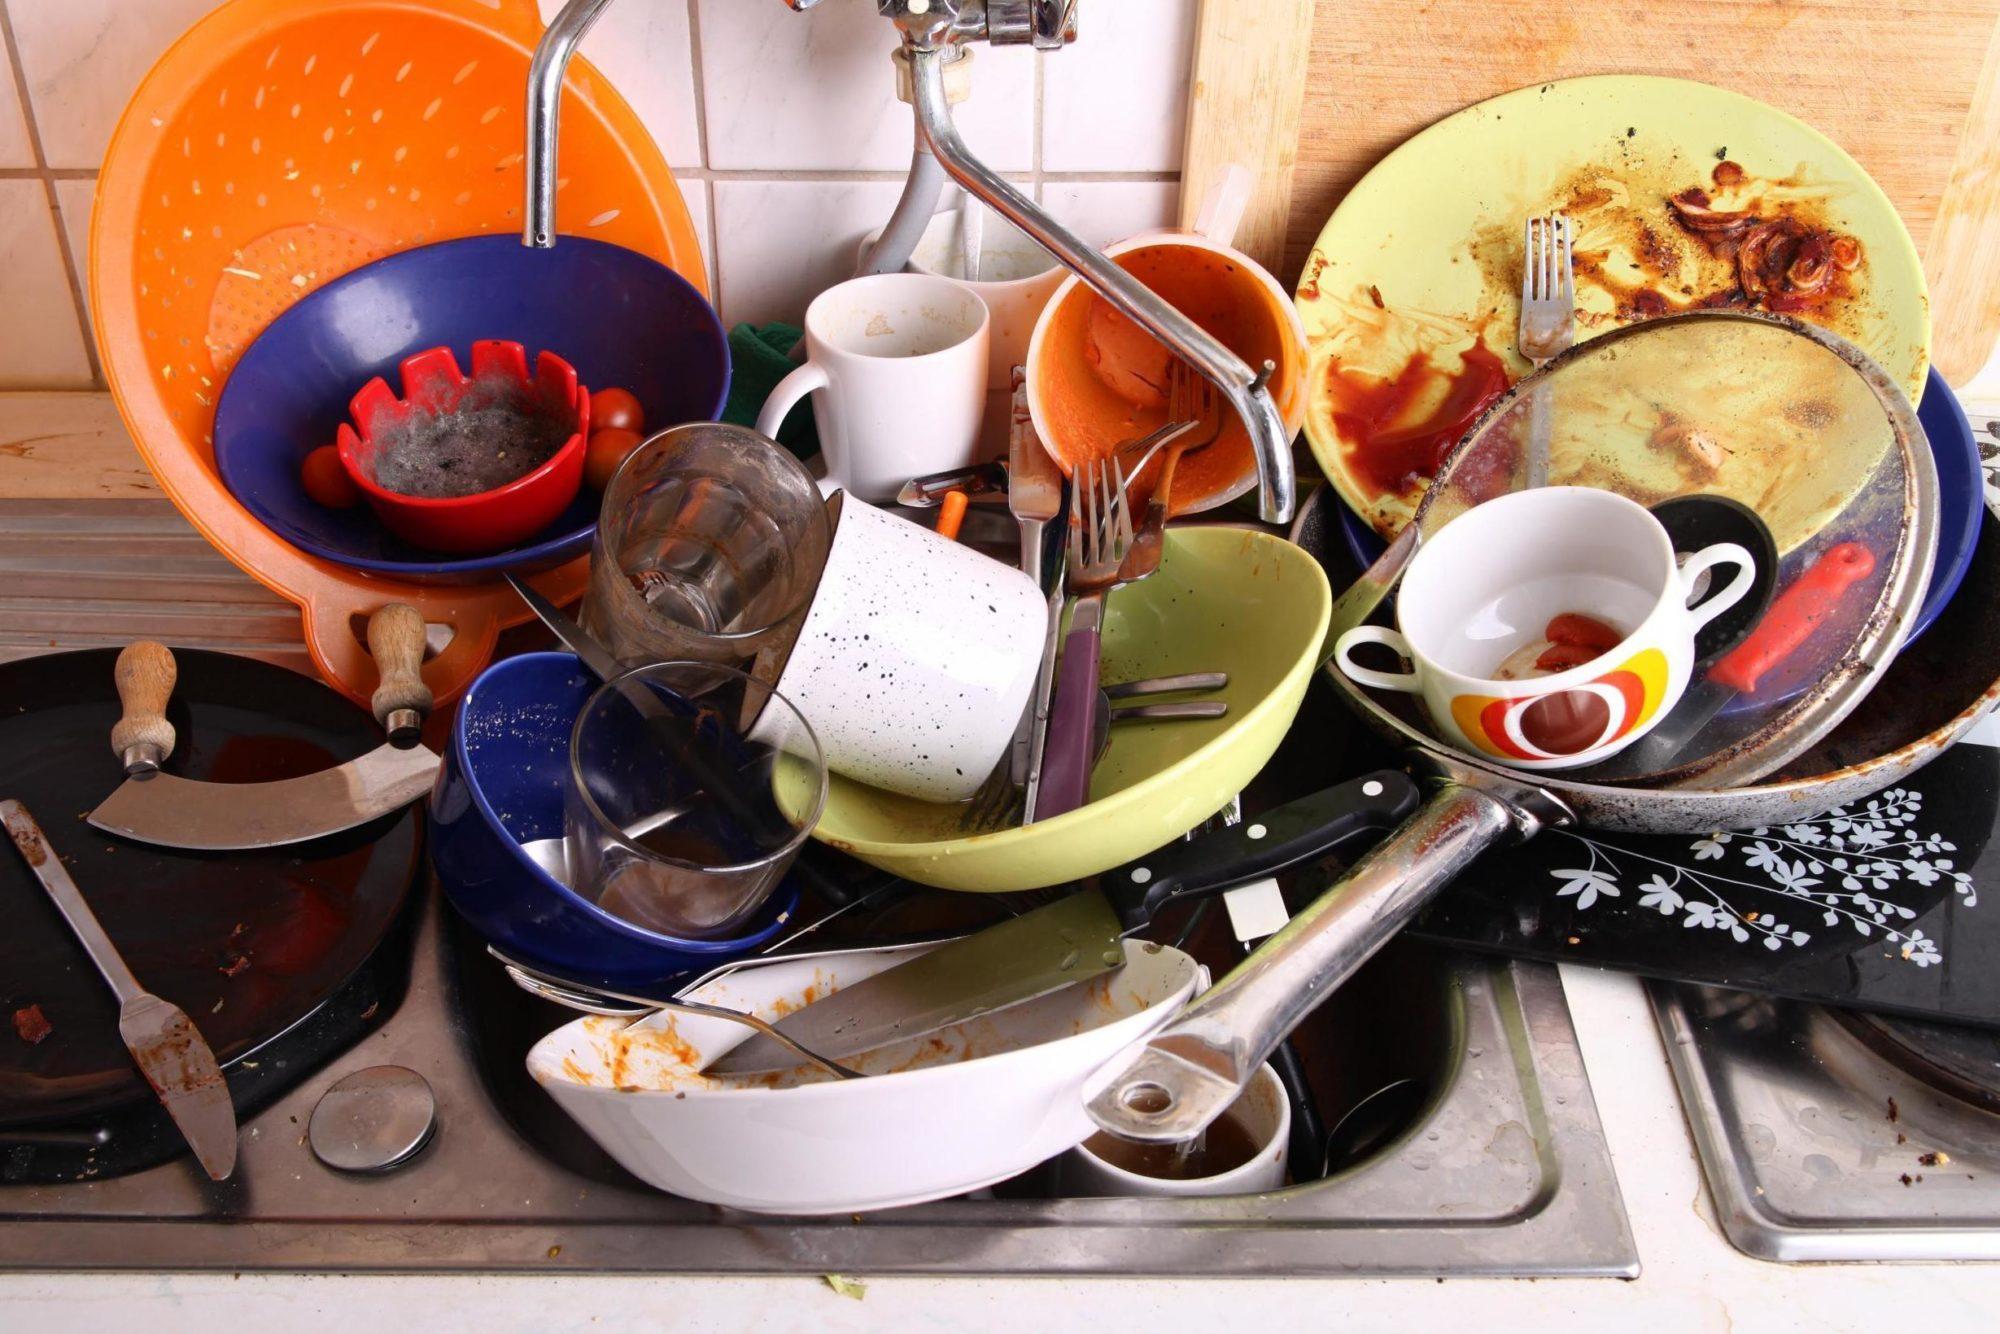 Приметы о посуде: всем стоит знать, что будет, если разбить тарелку